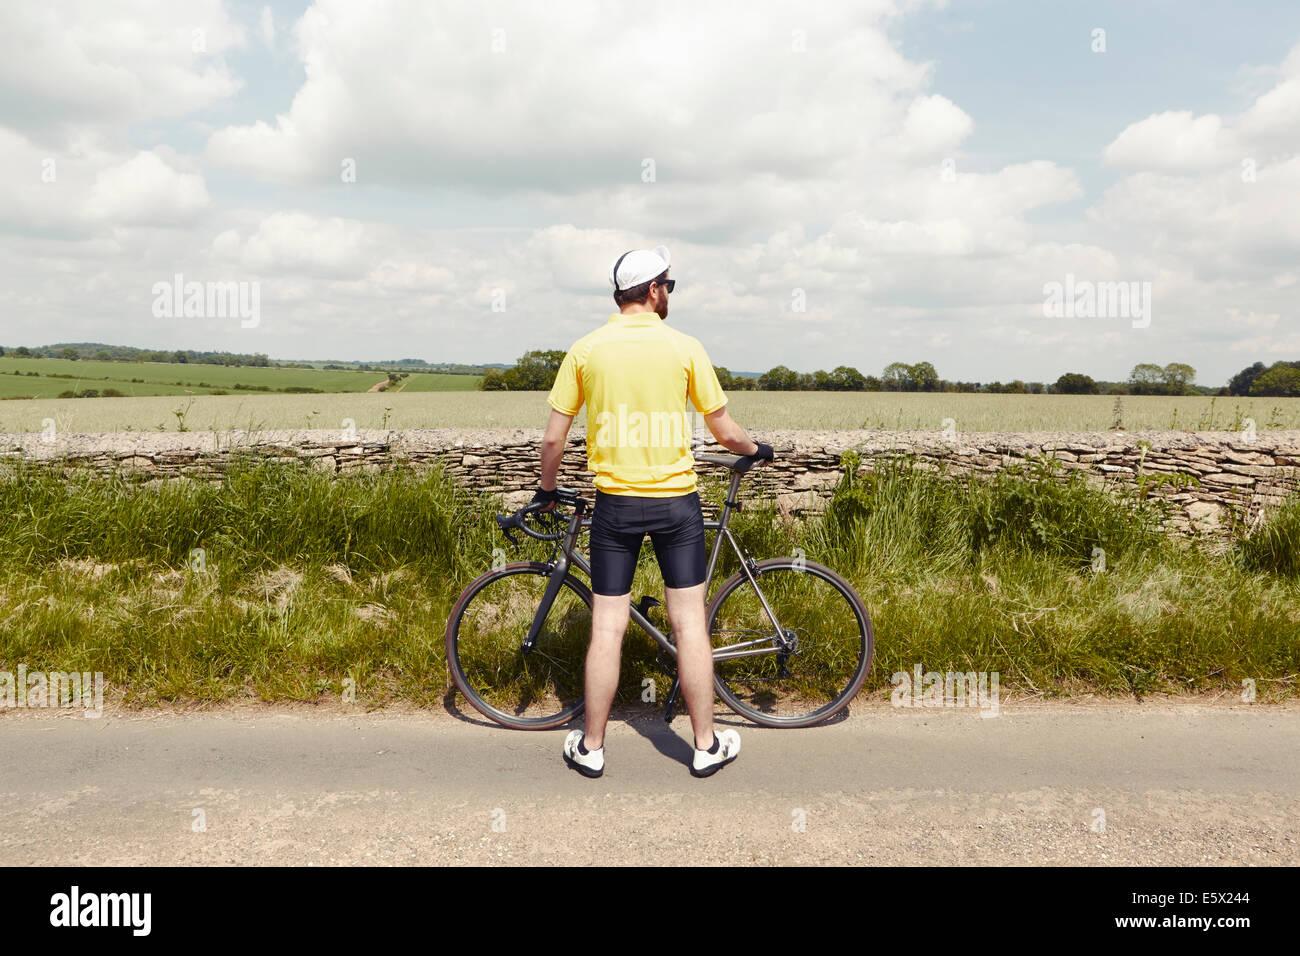 Ciclista parado por pared de piedra, Cotswolds, REINO UNIDO Imagen De Stock